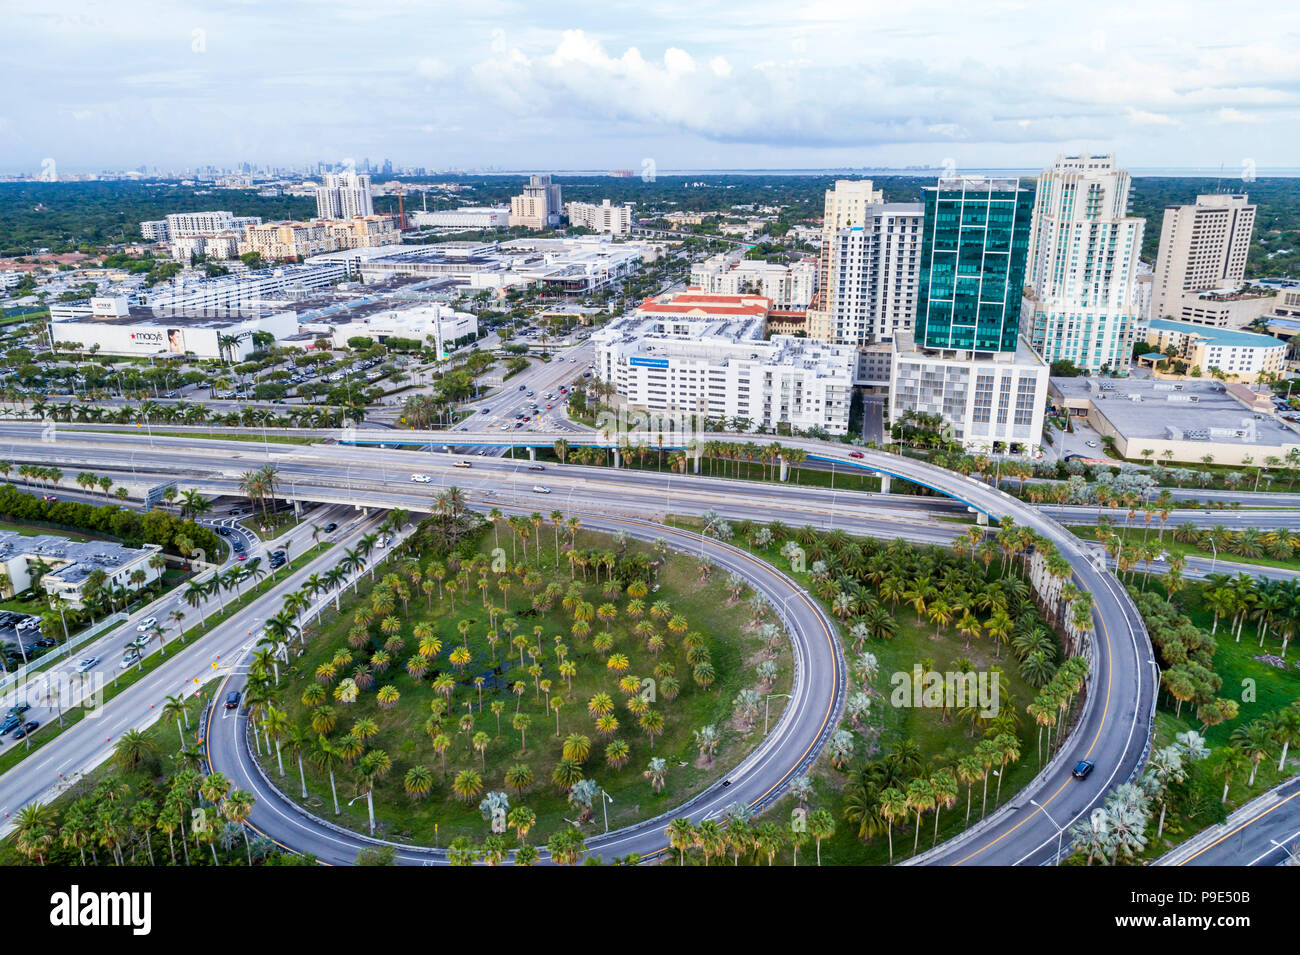 Miami Florida Town Center One at Dadeland Palmetto Expressway